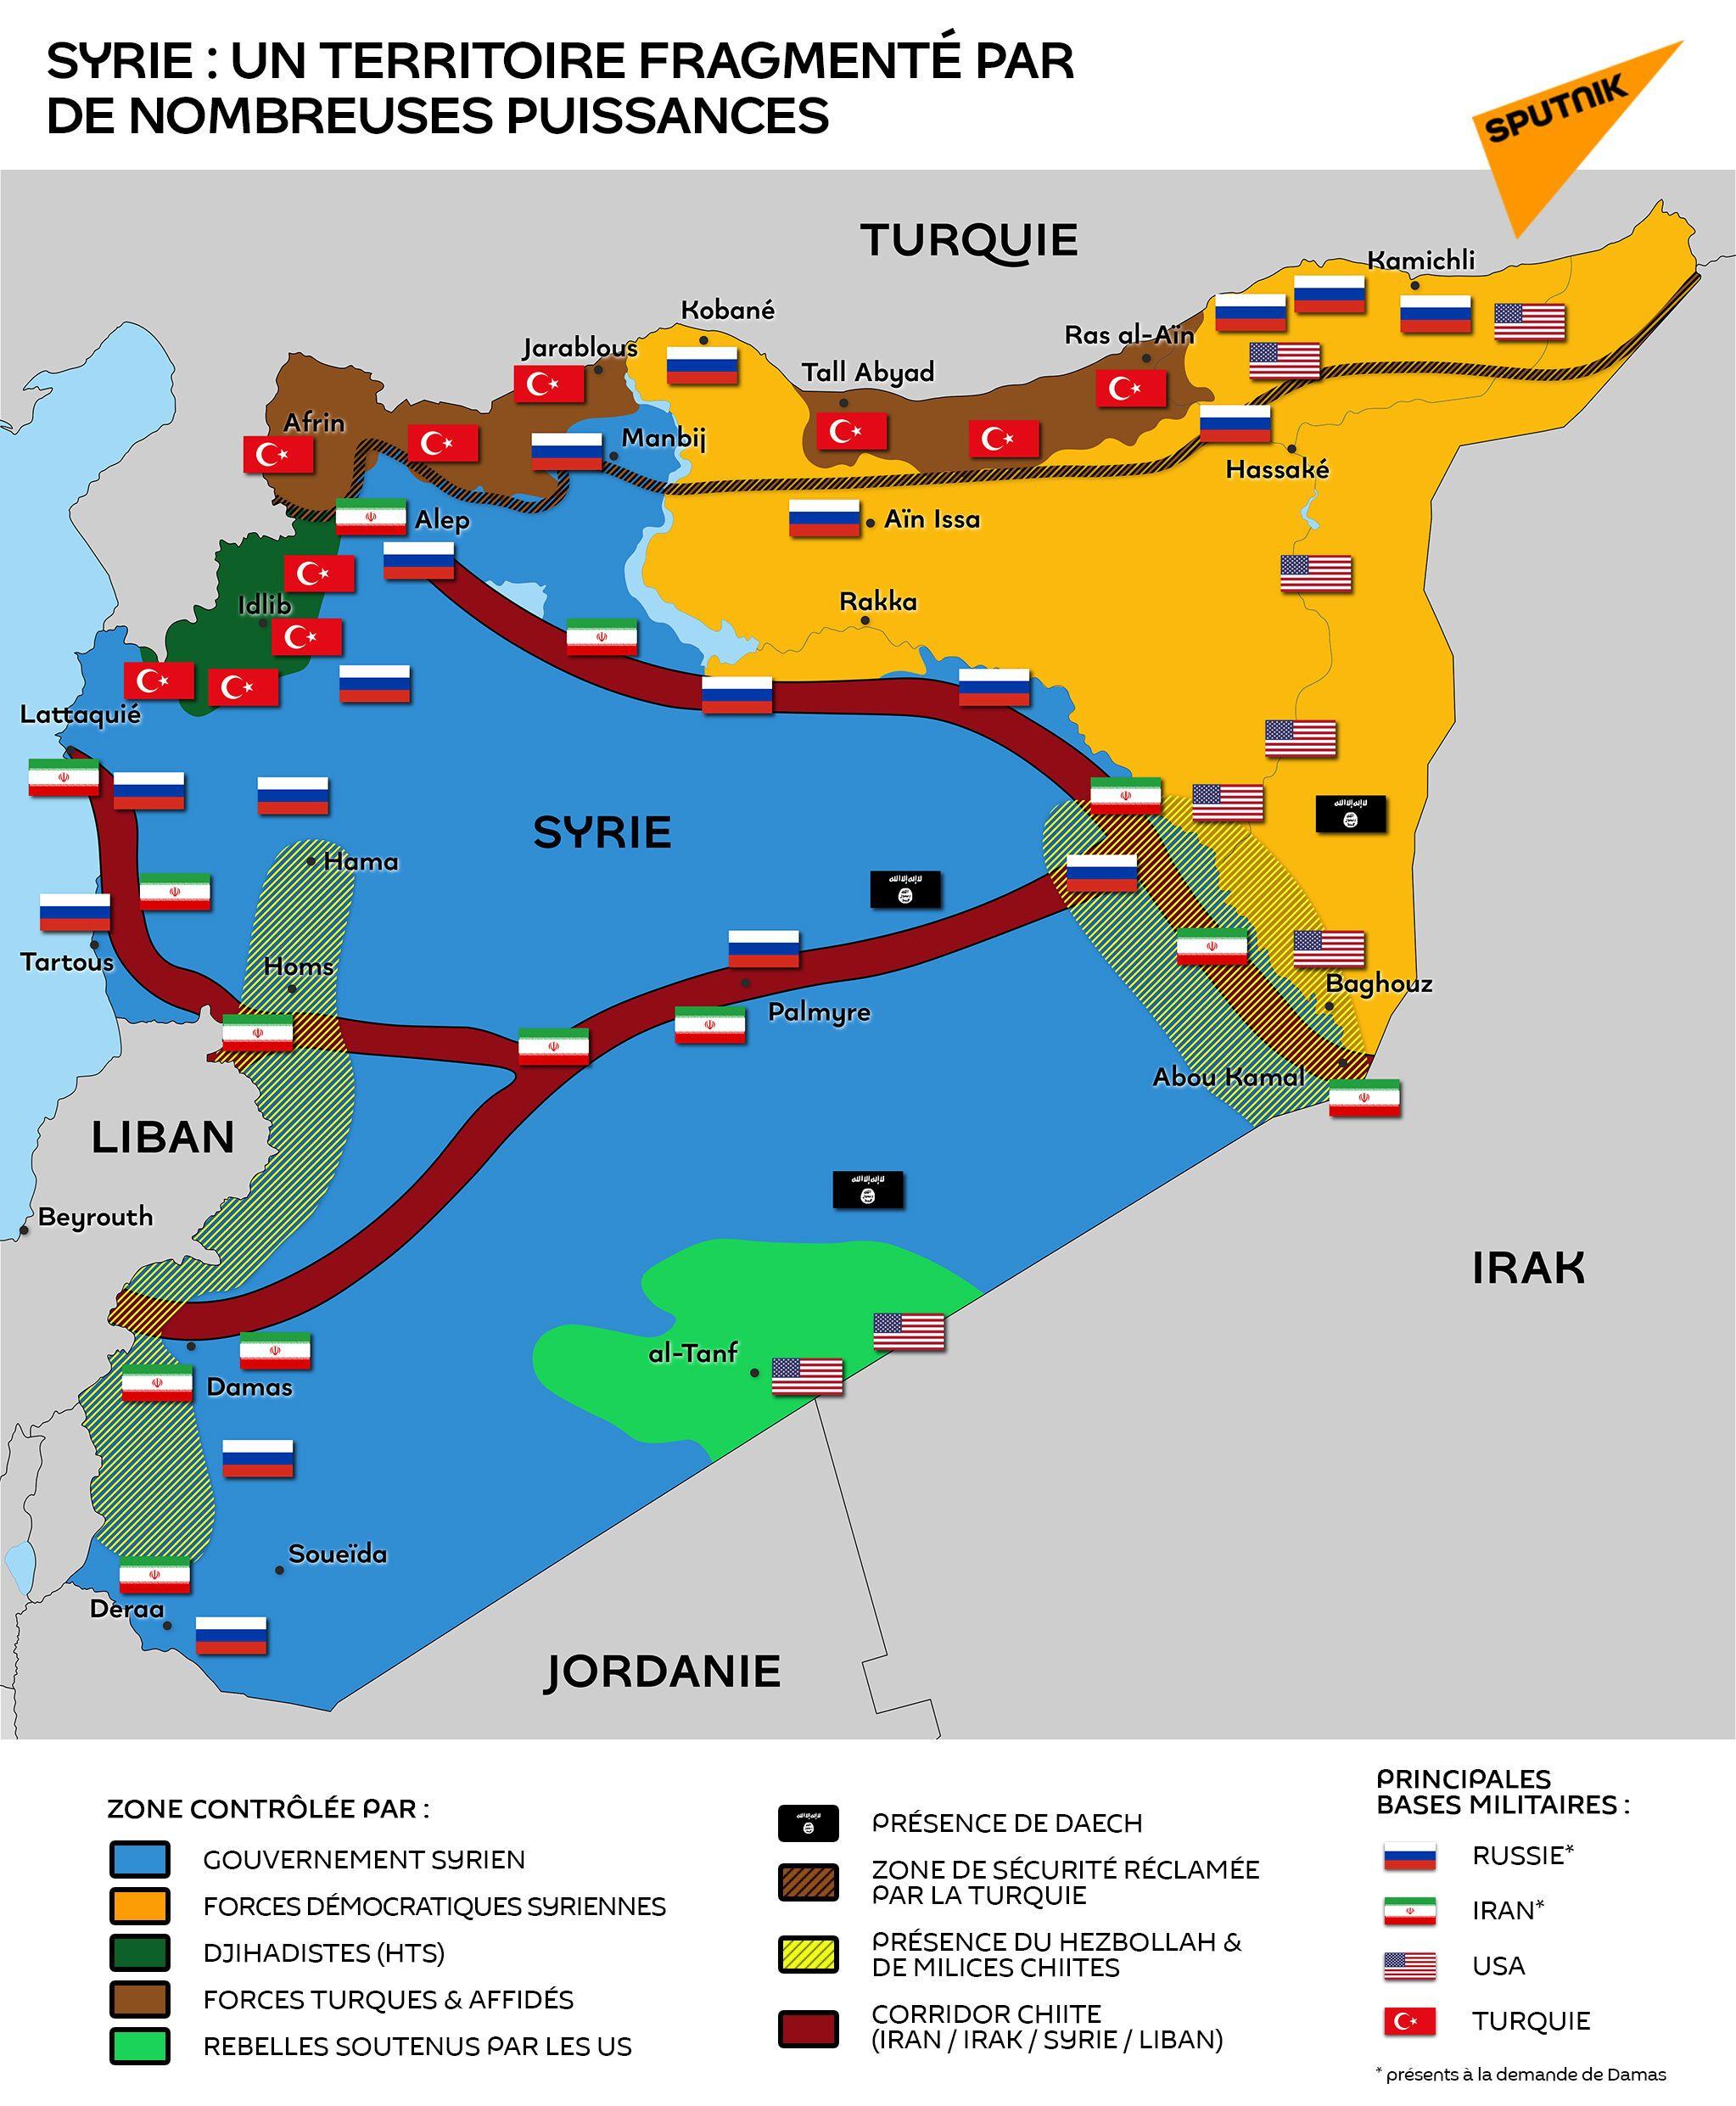 Morcelée et contrôlée par de multiples armées étrangères, la Syrie dans  l'incertitude - Sputnik France